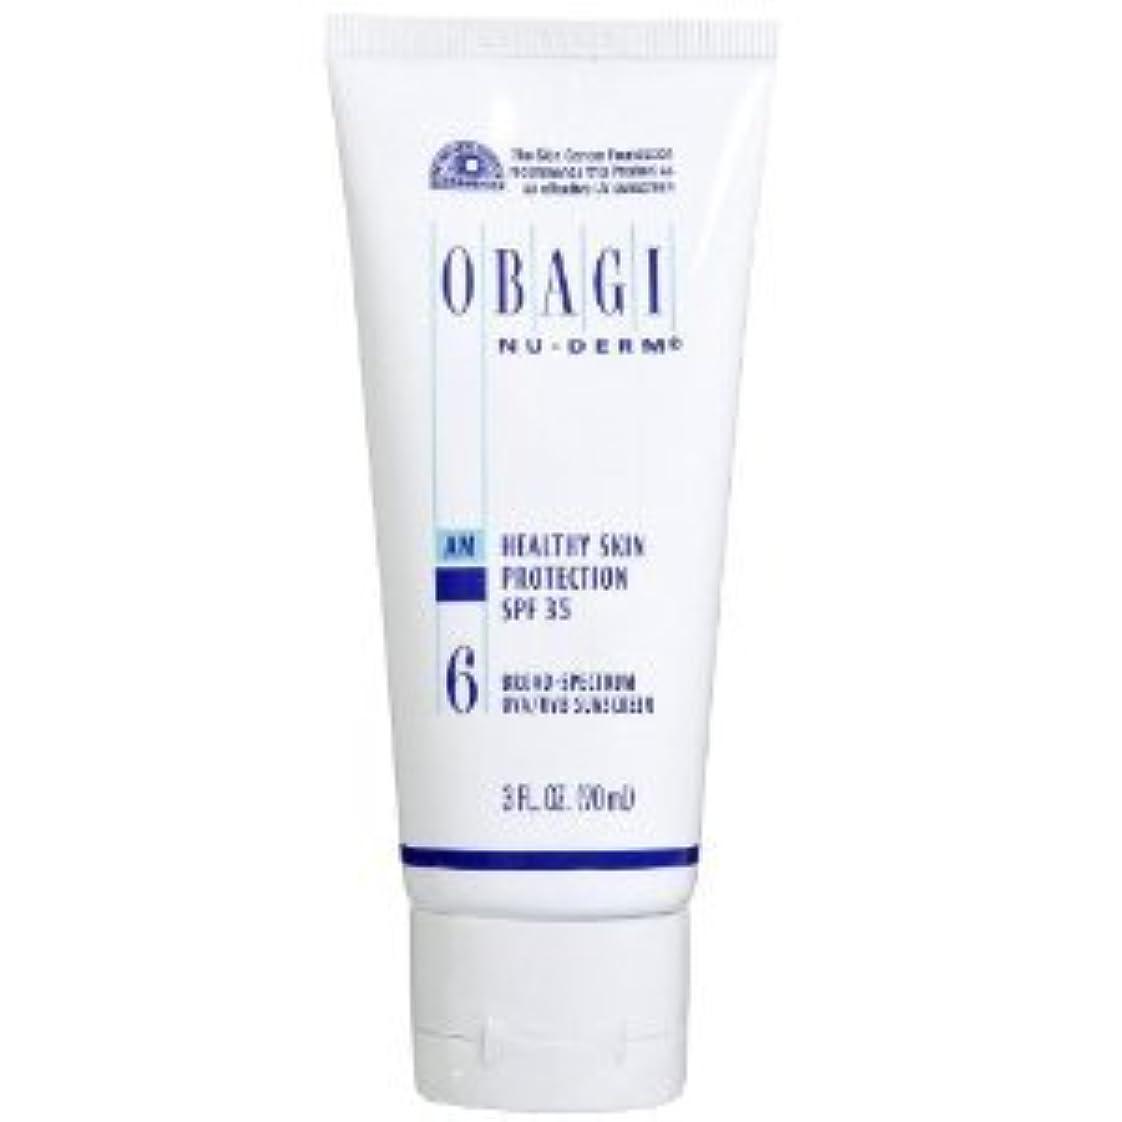 スキッパー申込み征服オバジ ニューダーム スキンプロテクション サンスクリーン(SPF35) Obagi Nu-Derm Healthy Skin Protection SPF 35 Sunscreens